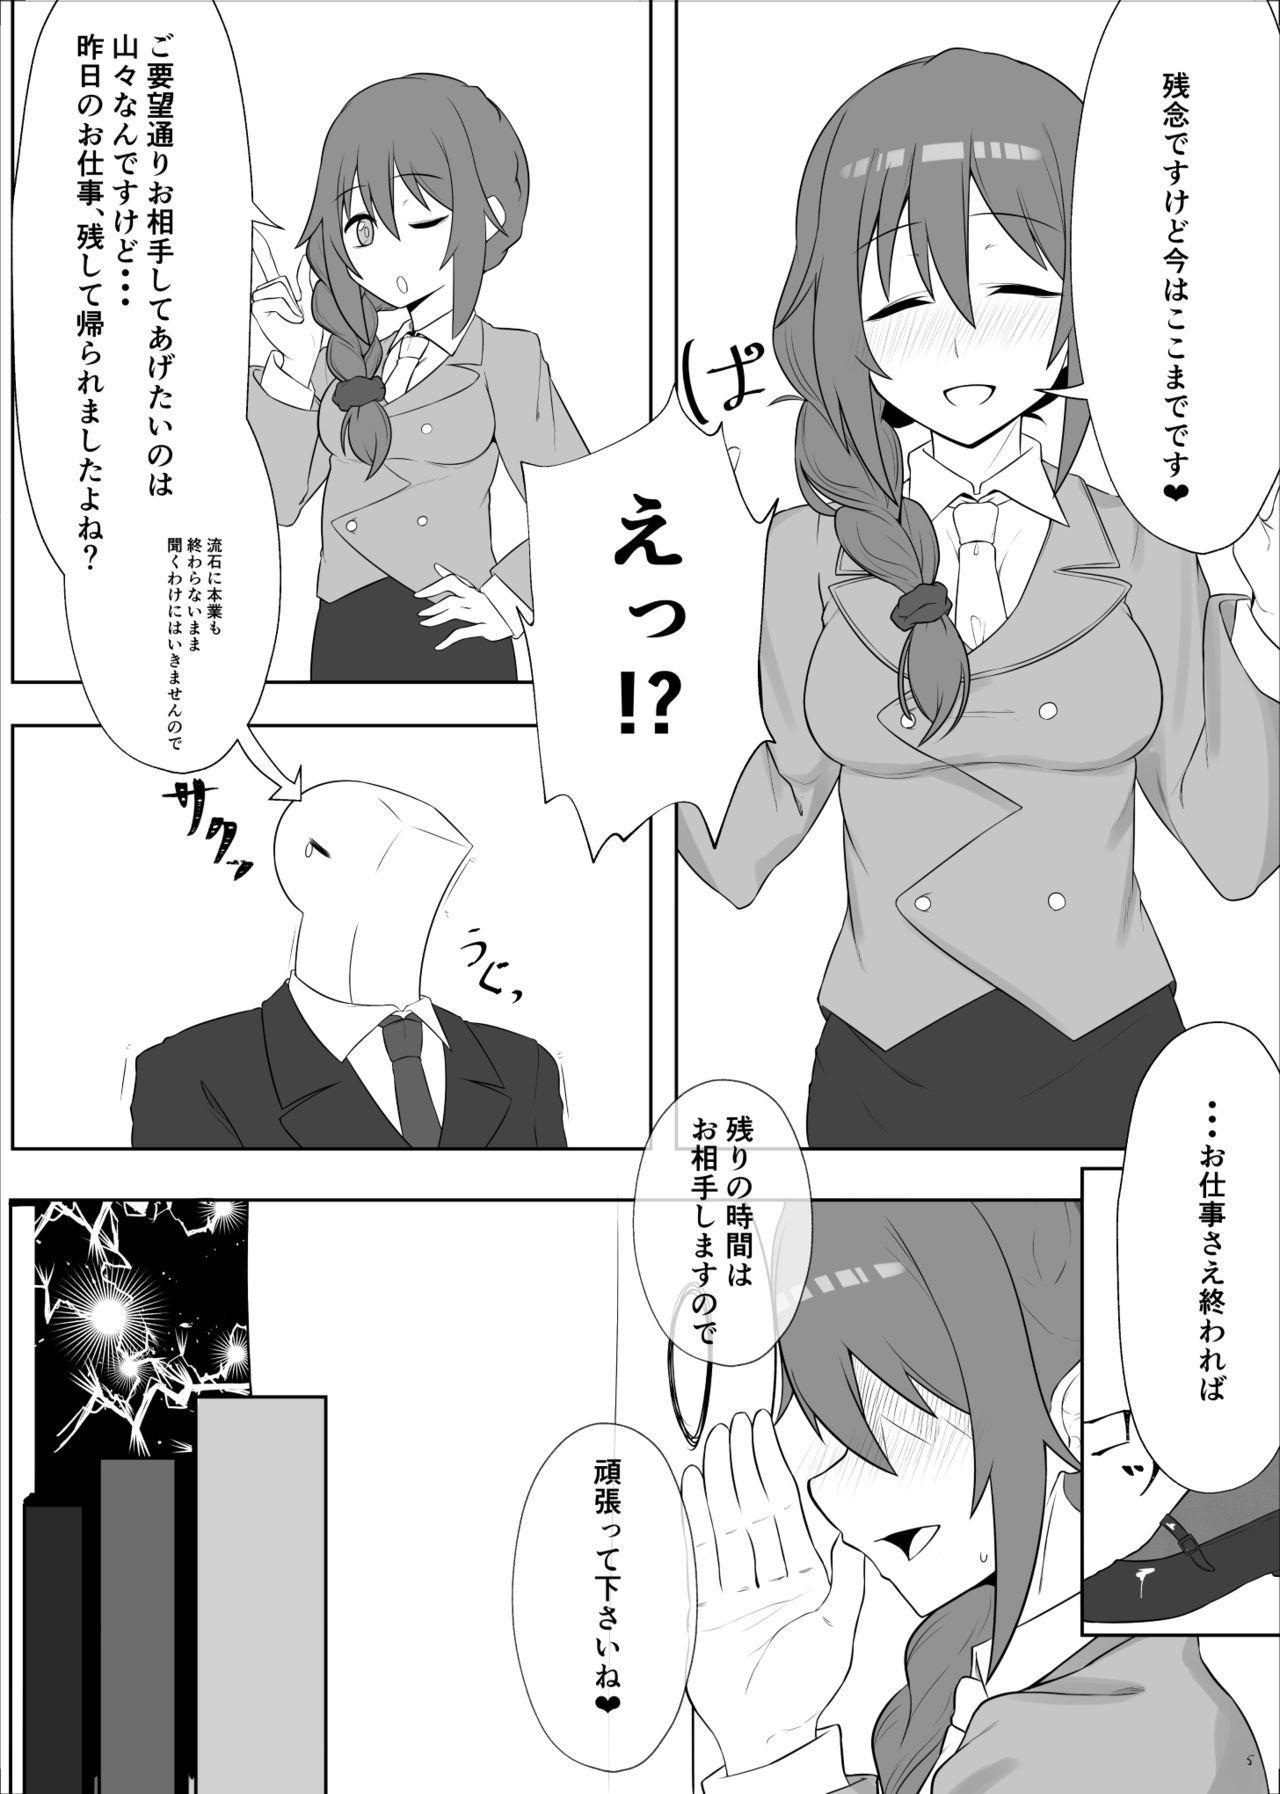 事務員の千川さんにお願いを聞いてもらう本 3